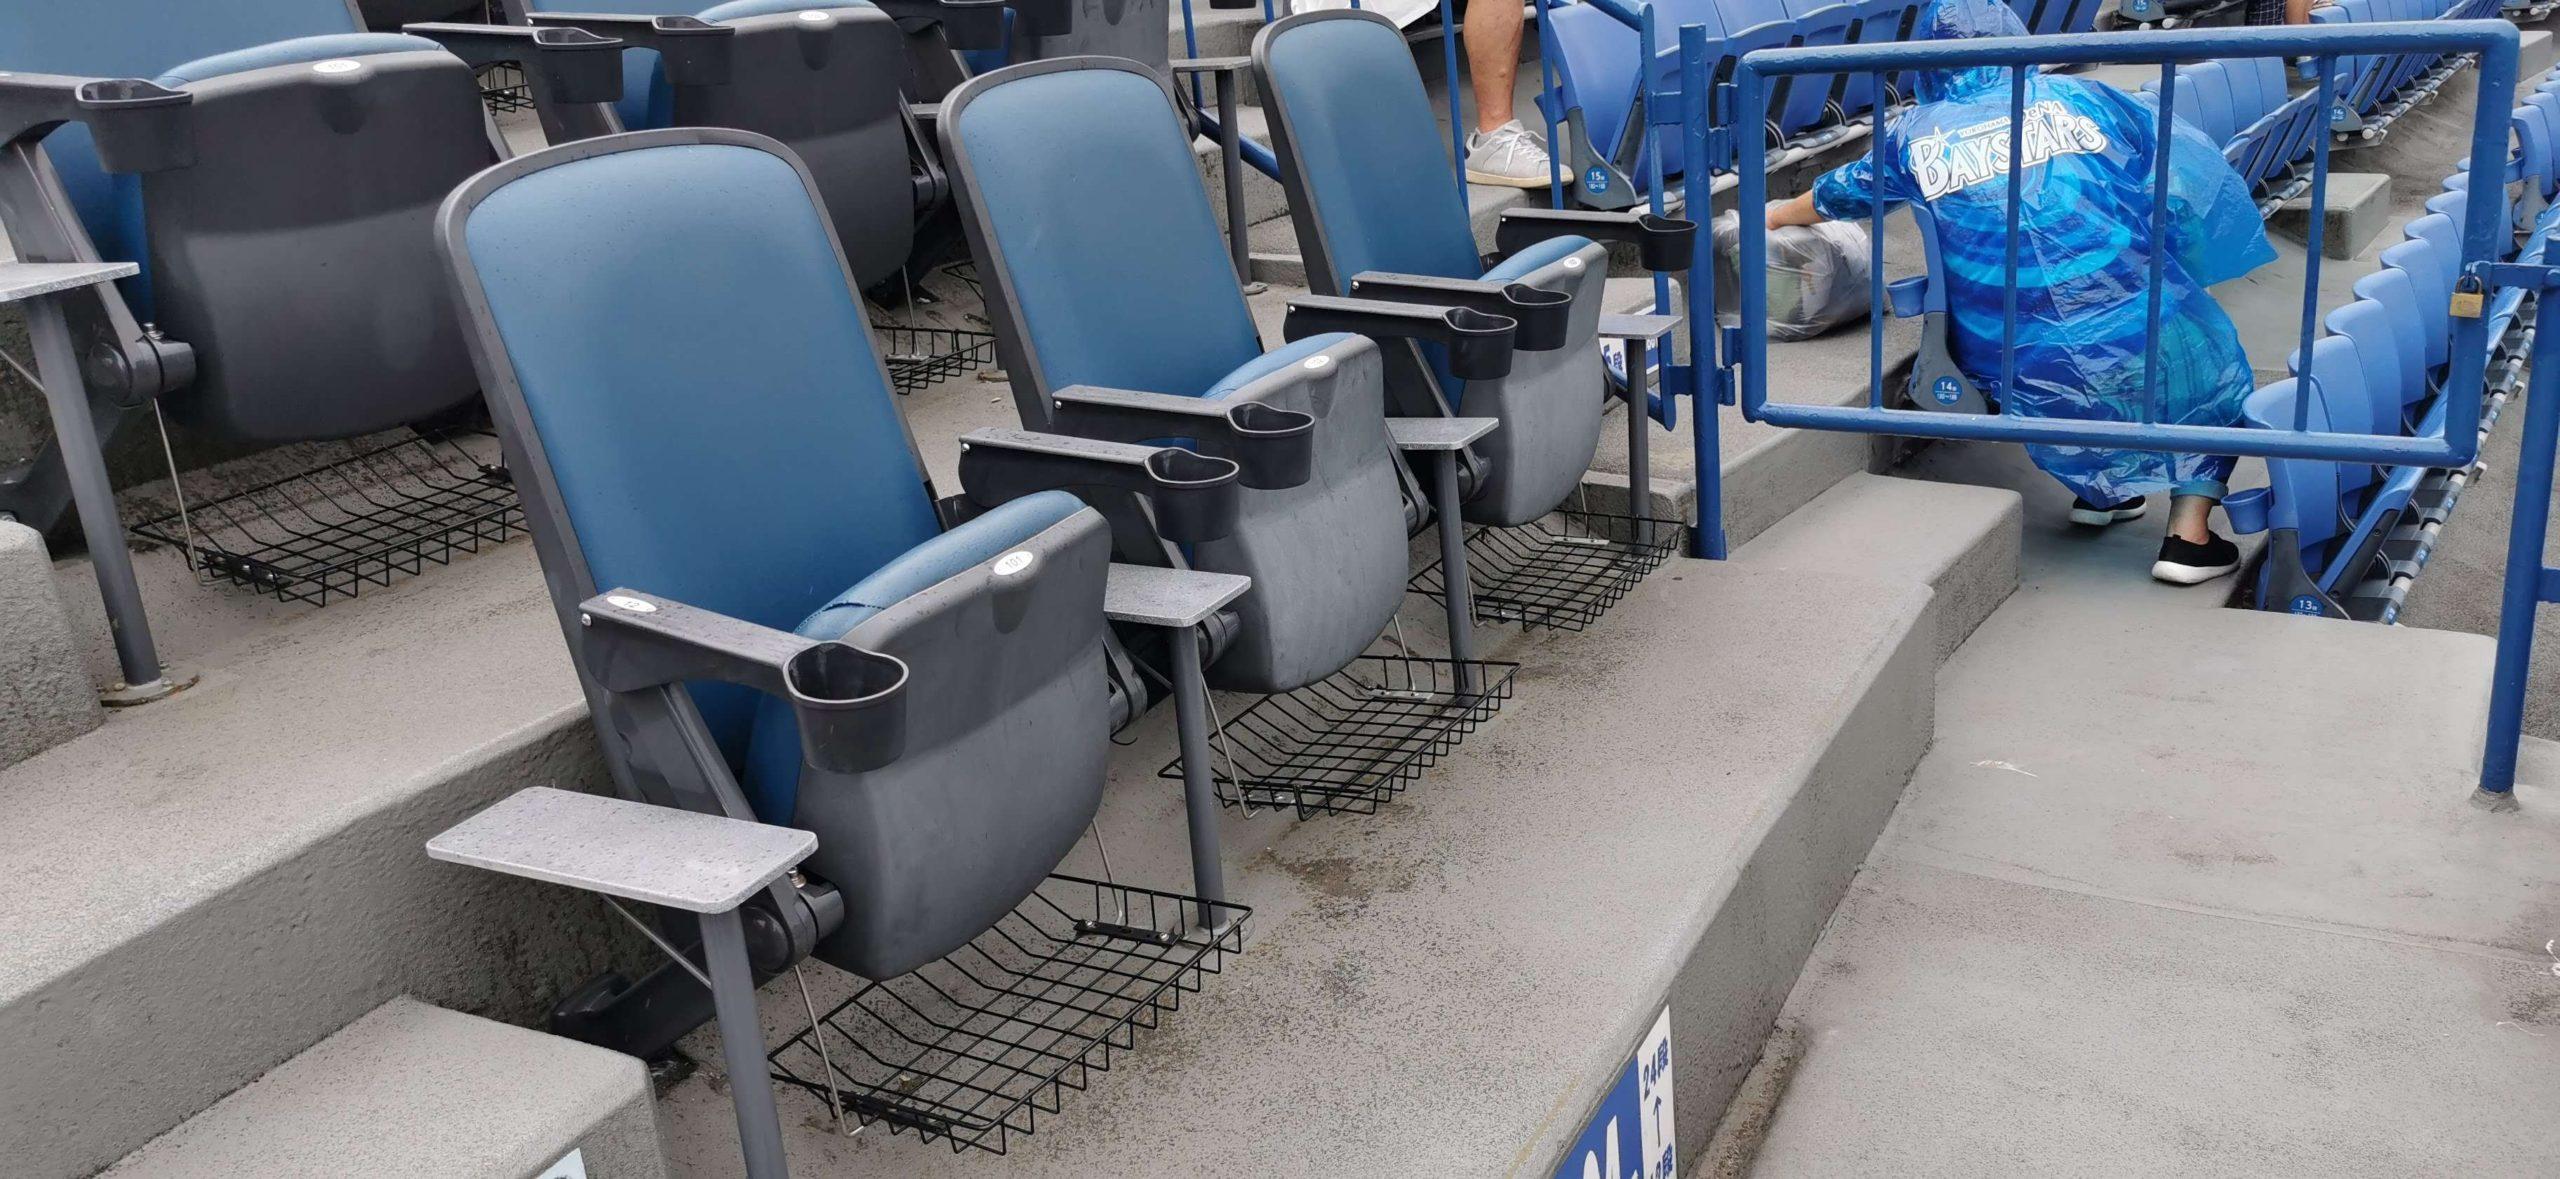 横浜スタジアムのSSトリプルシート